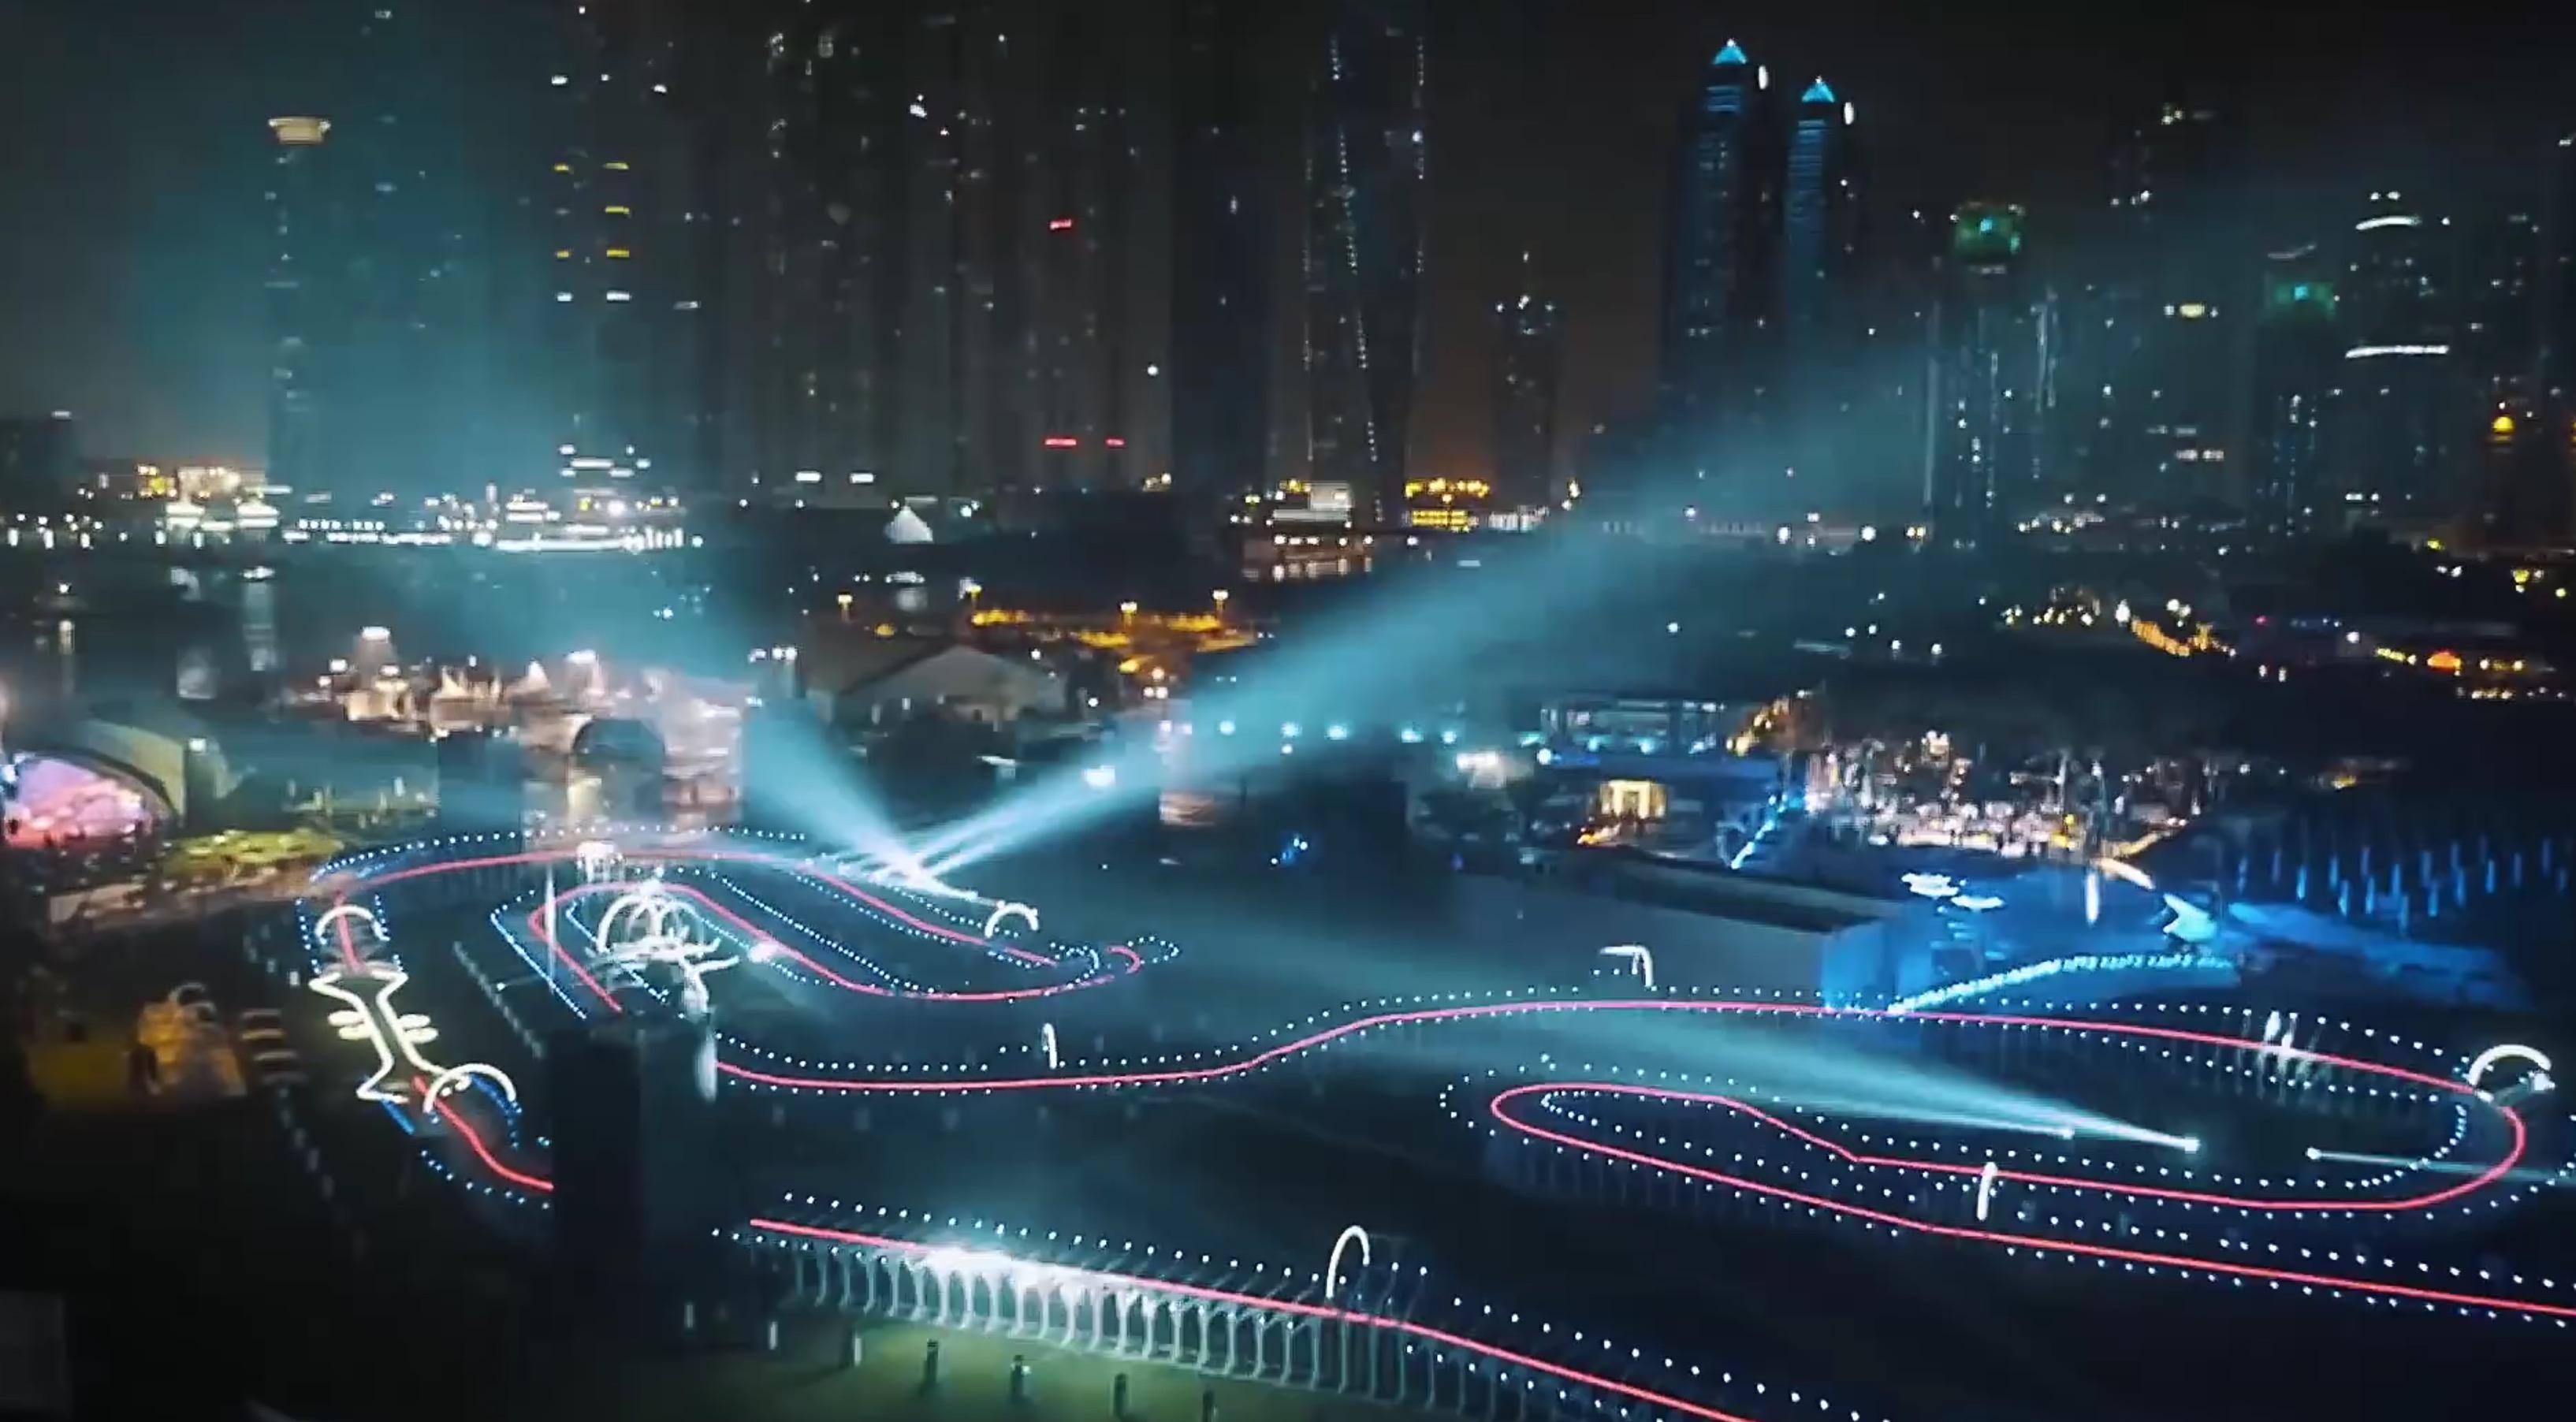 Las carreras de drones tienen todos los incentivos para triunfar